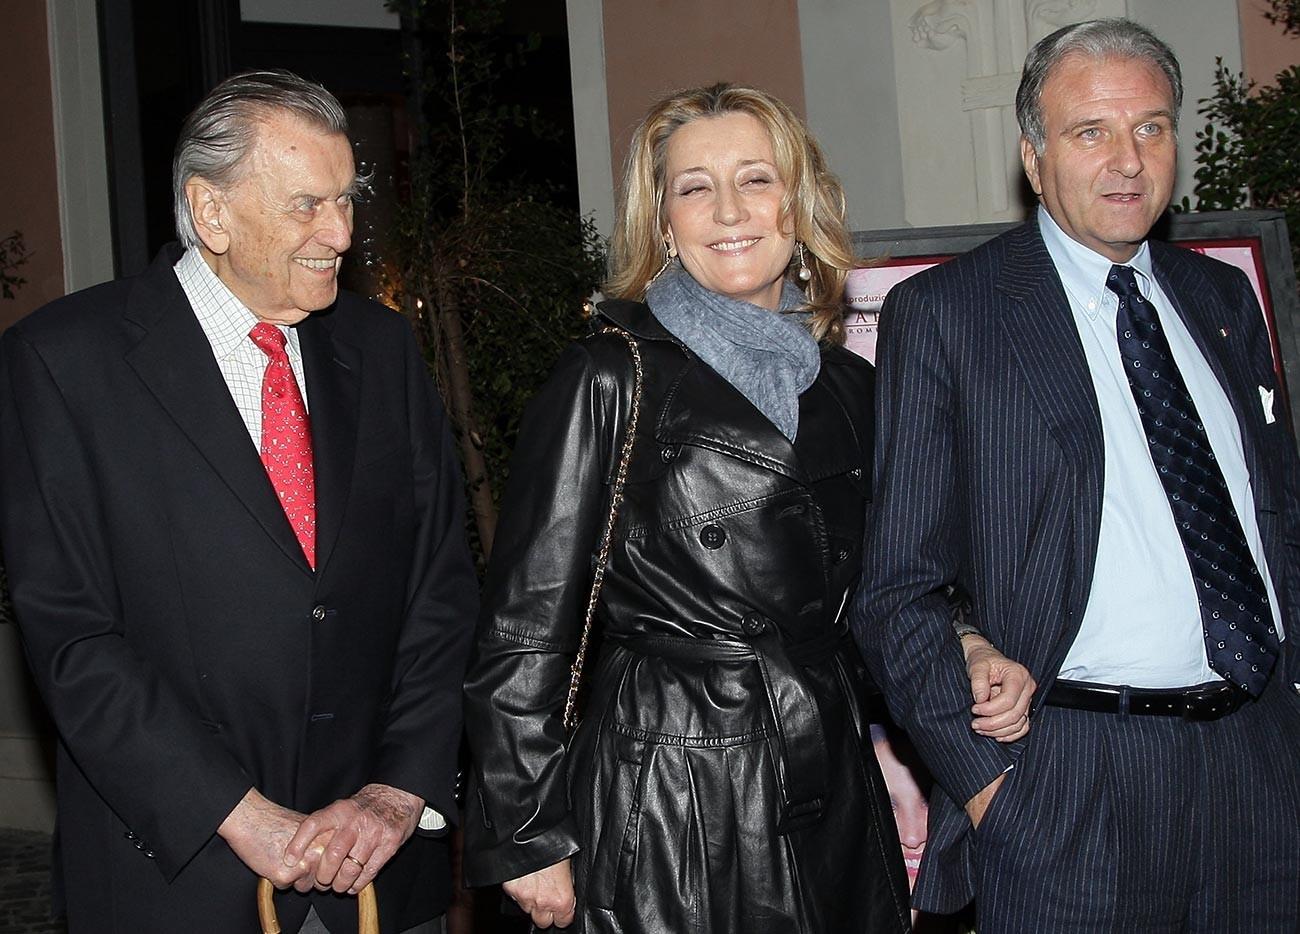 Nicola Romanoff, Natalia Romanoff e o senador Giuseppe Consolo comparecem à estreia da apresentação teatral 'Pare de chorar Penelope' no teatro Ambra Jovinelli